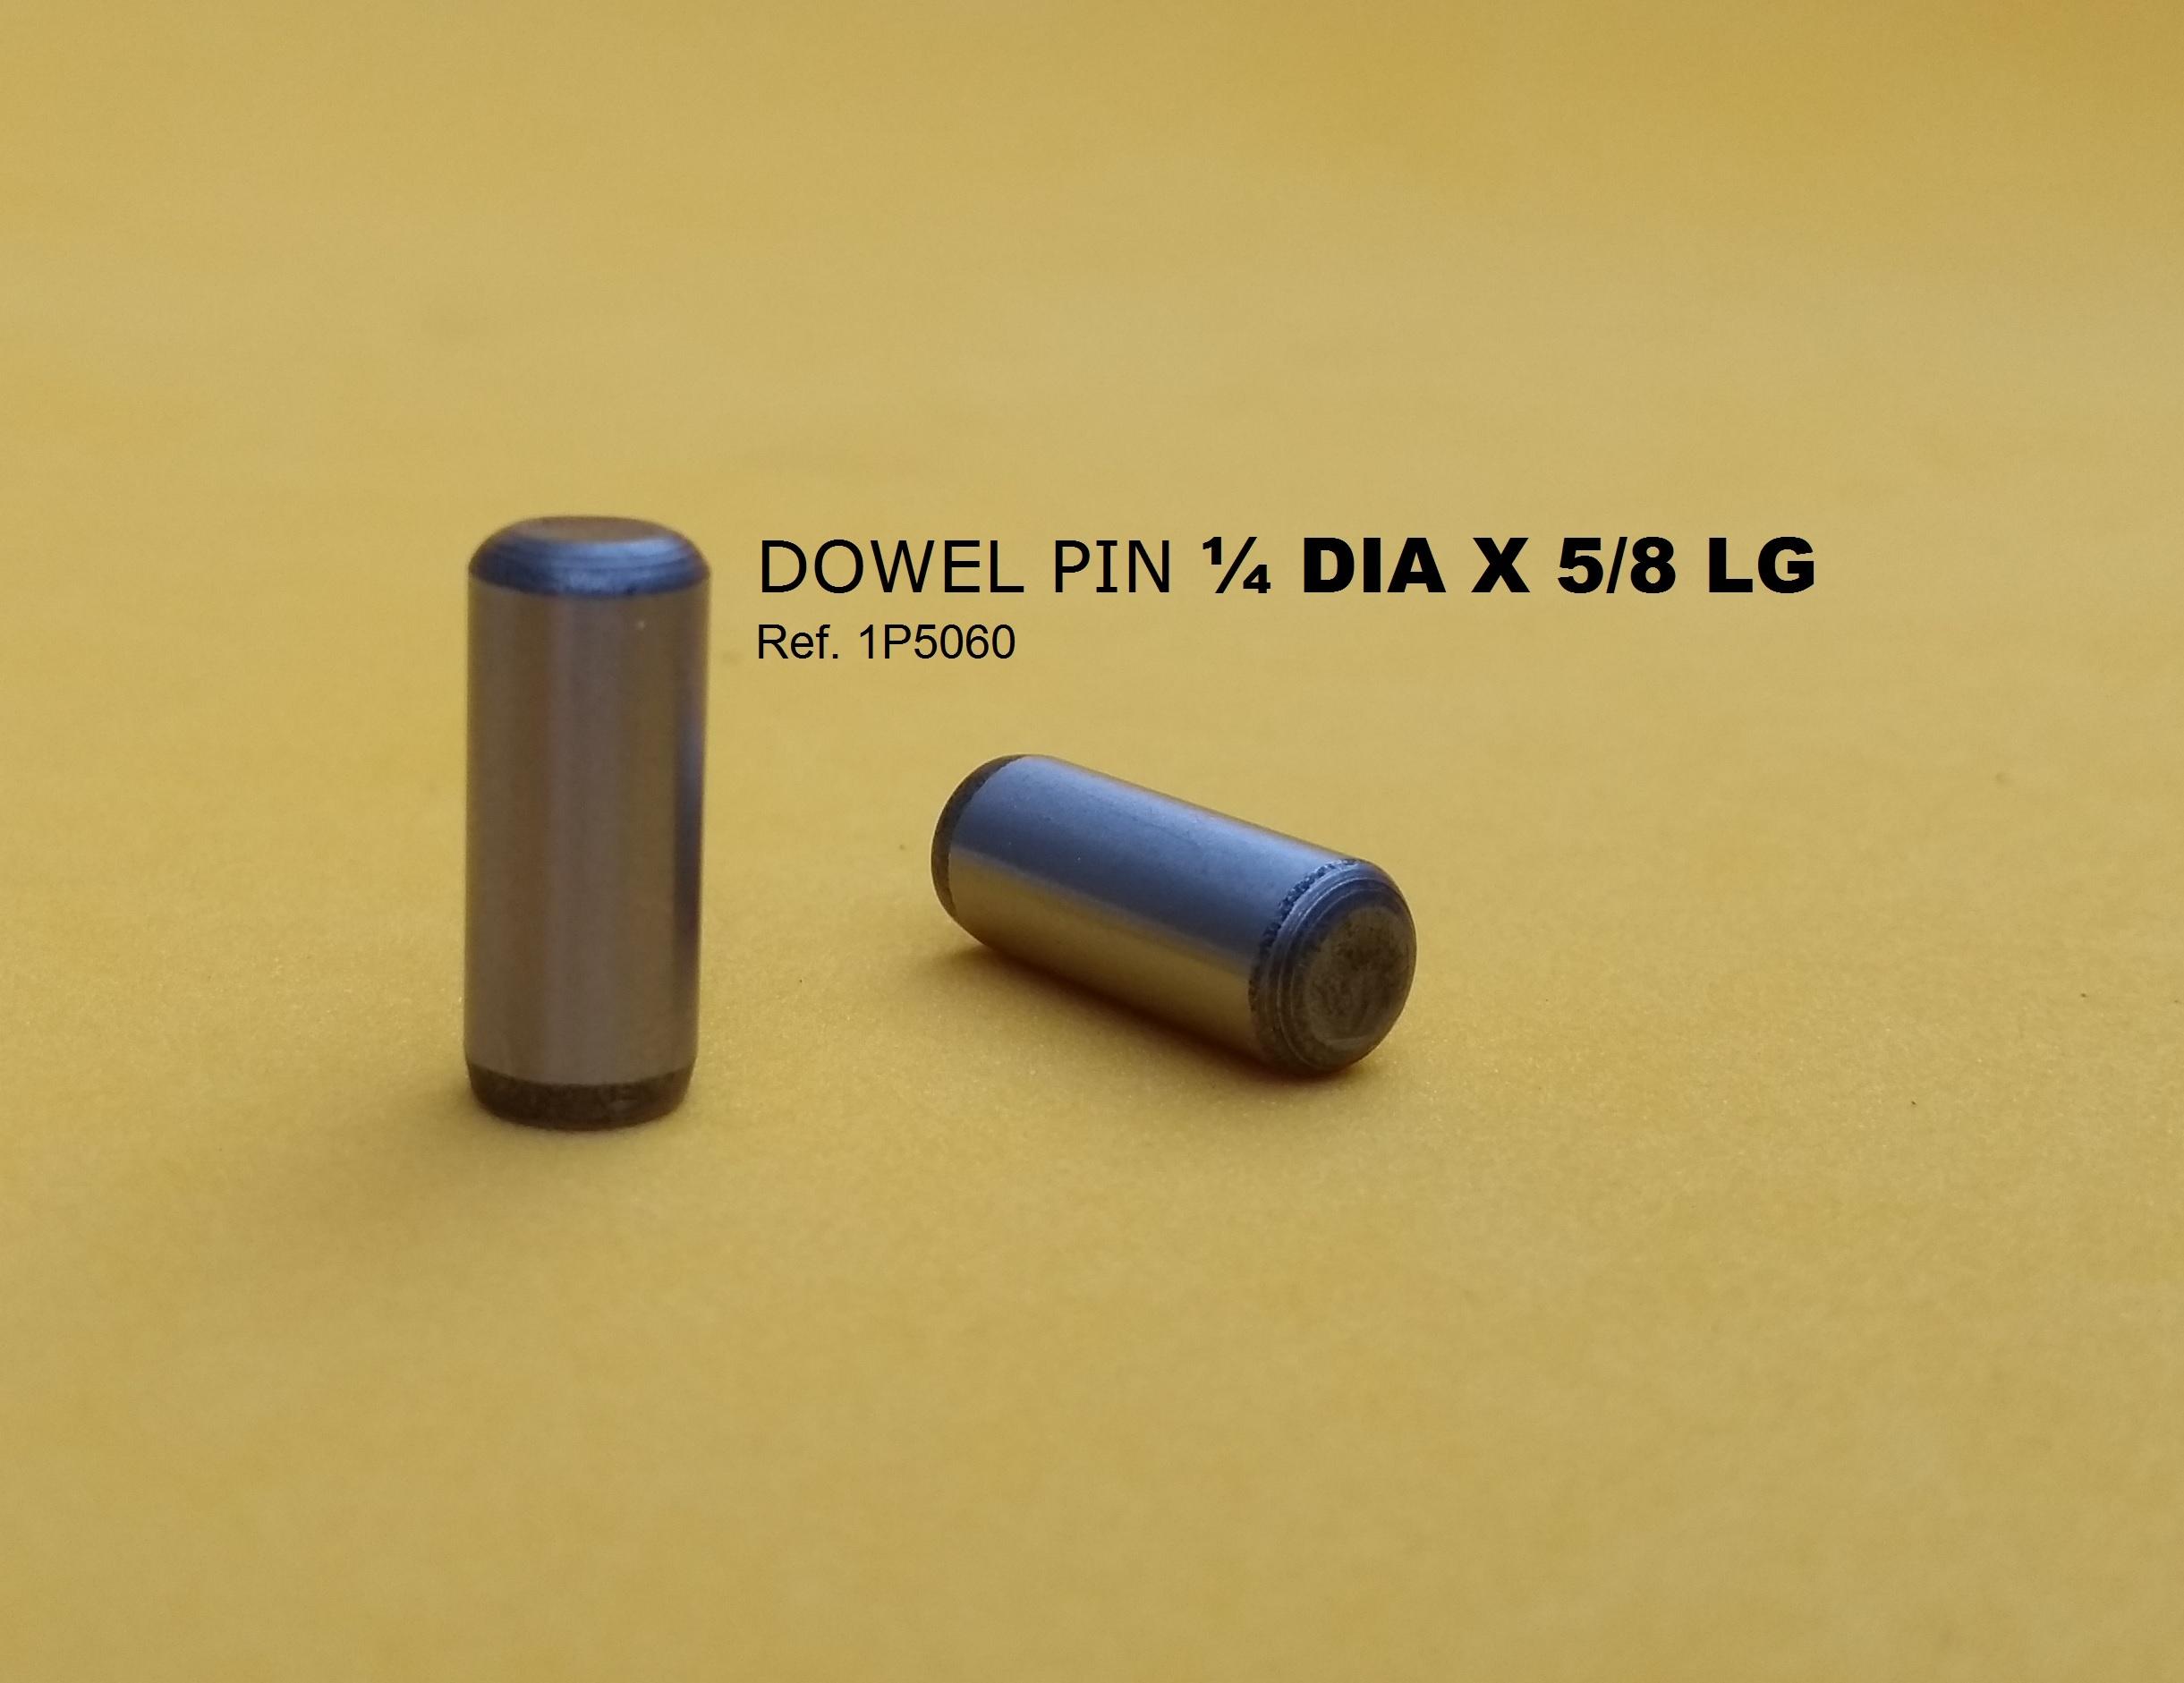 1P5060 DOWEL PIN